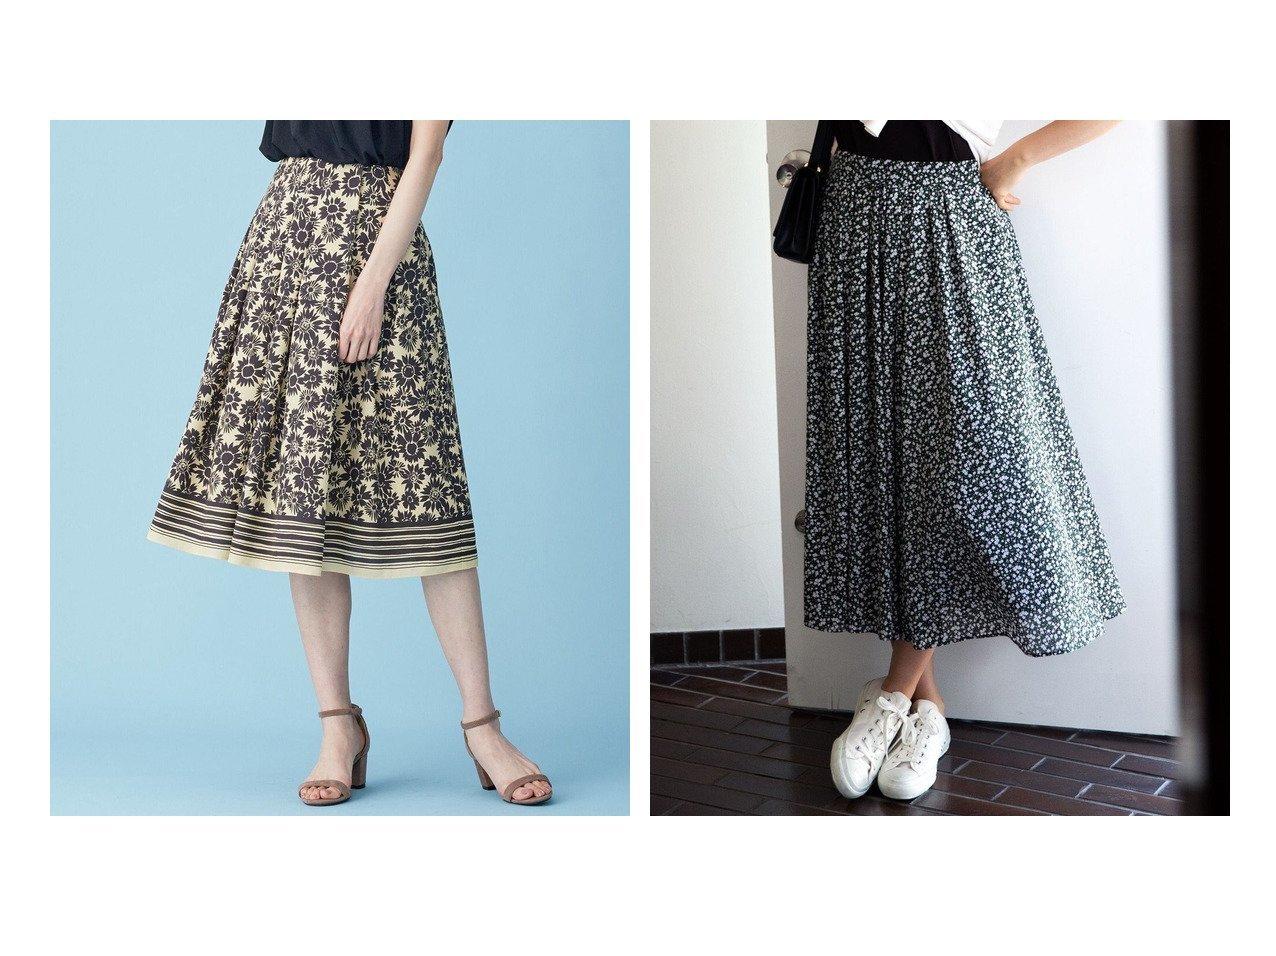 【KUMIKYOKU/組曲】の【洗える】プティフルールプリント スカート&【Rythme KUMIKYOKU】サンフラワープリントトロ フレアスカート 【スカート】おすすめ!人気、トレンド・レディースファッションの通販 おすすめで人気の流行・トレンド、ファッションの通販商品 インテリア・家具・メンズファッション・キッズファッション・レディースファッション・服の通販 founy(ファニー) https://founy.com/ ファッション Fashion レディースファッション WOMEN スカート Skirt Aライン/フレアスカート Flared A-Line Skirts コレクション 手描き フラワー フレア プリント ミドル モチーフ ランダム 2021年 2021 S/S・春夏 SS・Spring/Summer 2021春夏・S/S SS/Spring/Summer/2021 送料無料 Free Shipping 夏 Summer ギャザー ジョーゼット セットアップ ドレープ ビンテージ 再入荷 Restock/Back in Stock/Re Arrival 洗える |ID:crp329100000047545